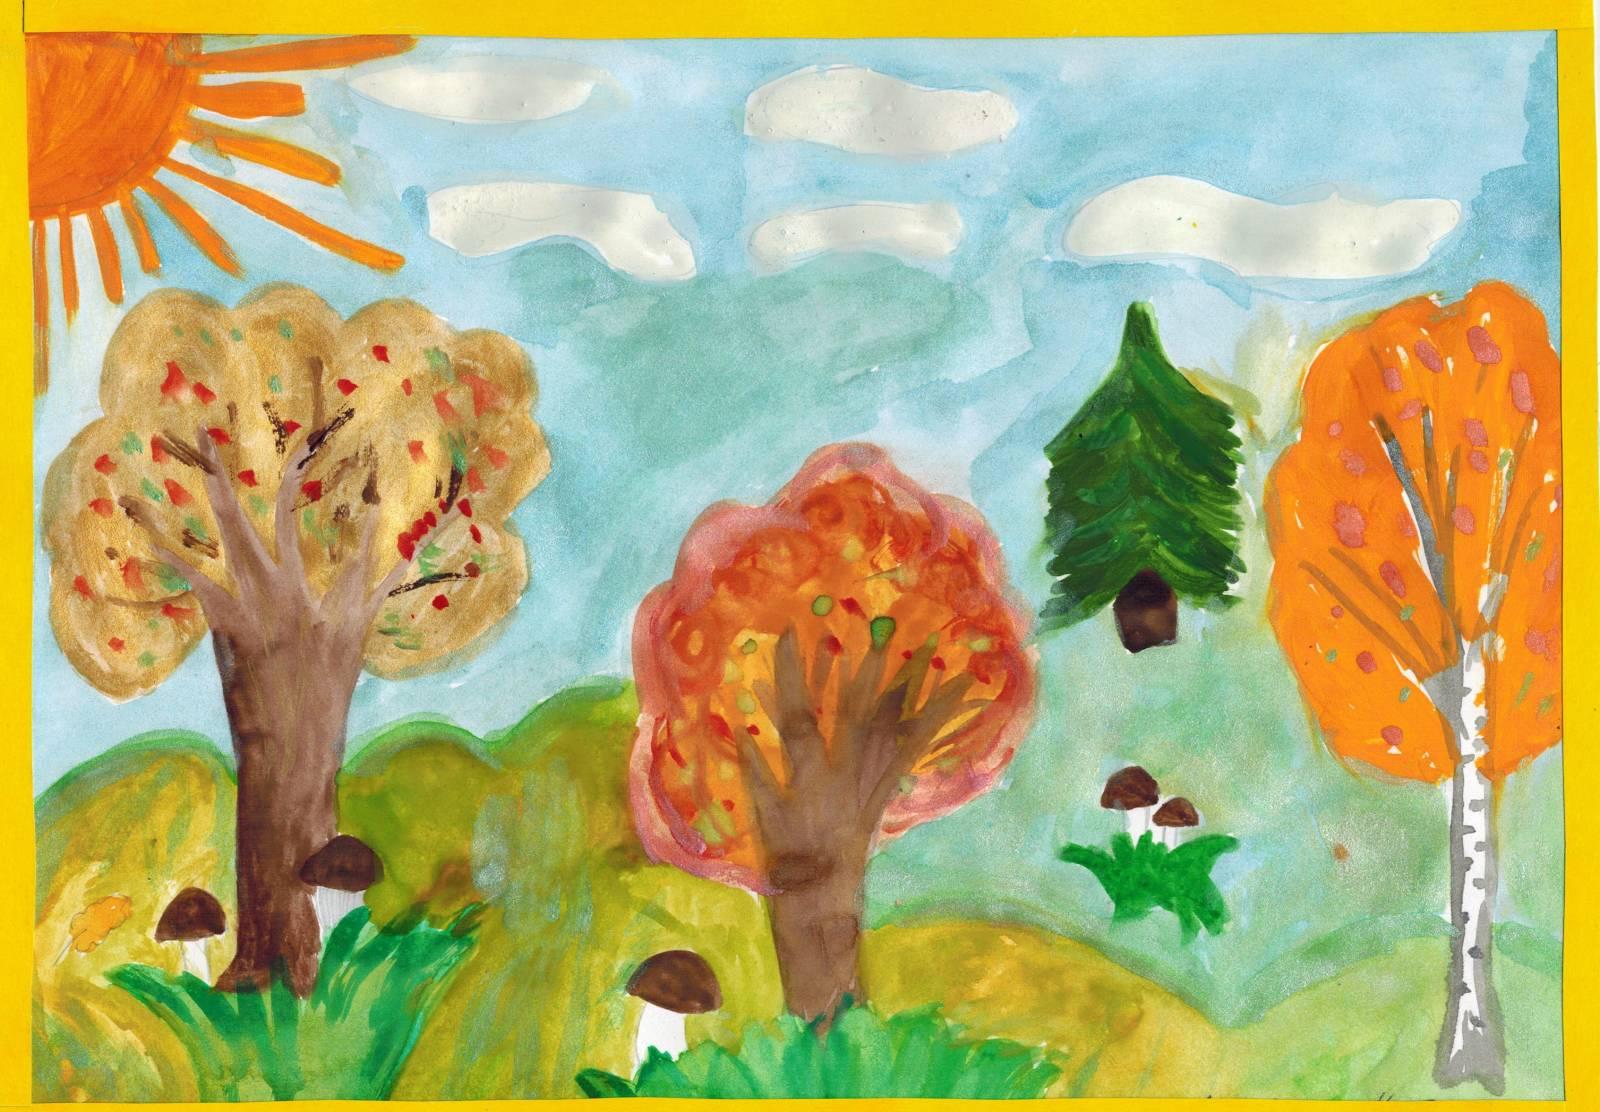 нашем осень картинки начальные классы помог собрать урожай